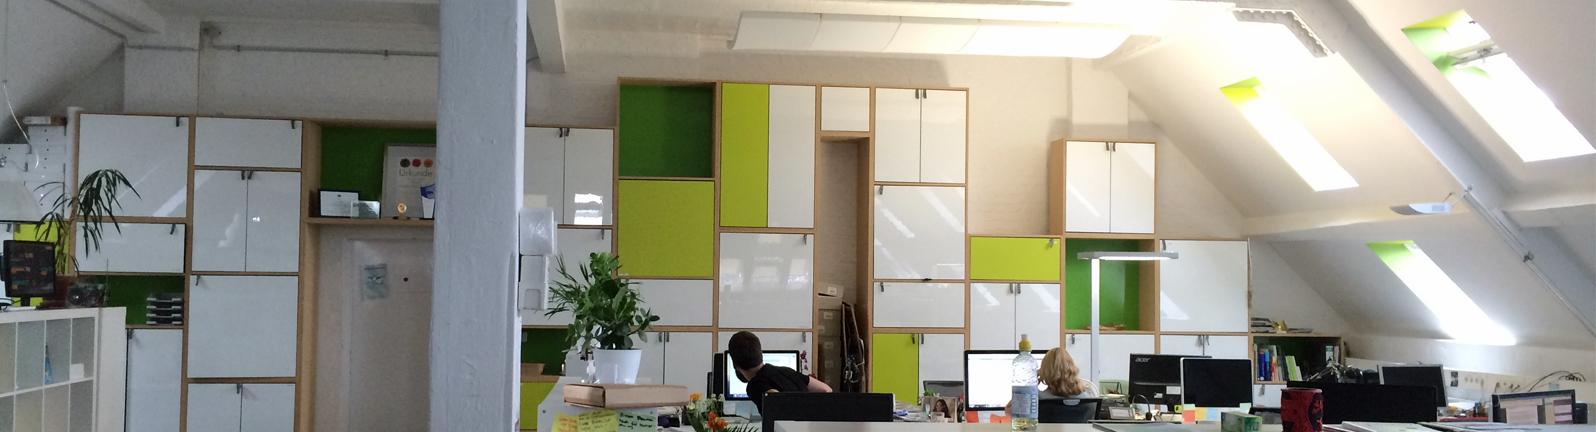 Das Büro von Betterplace Lab